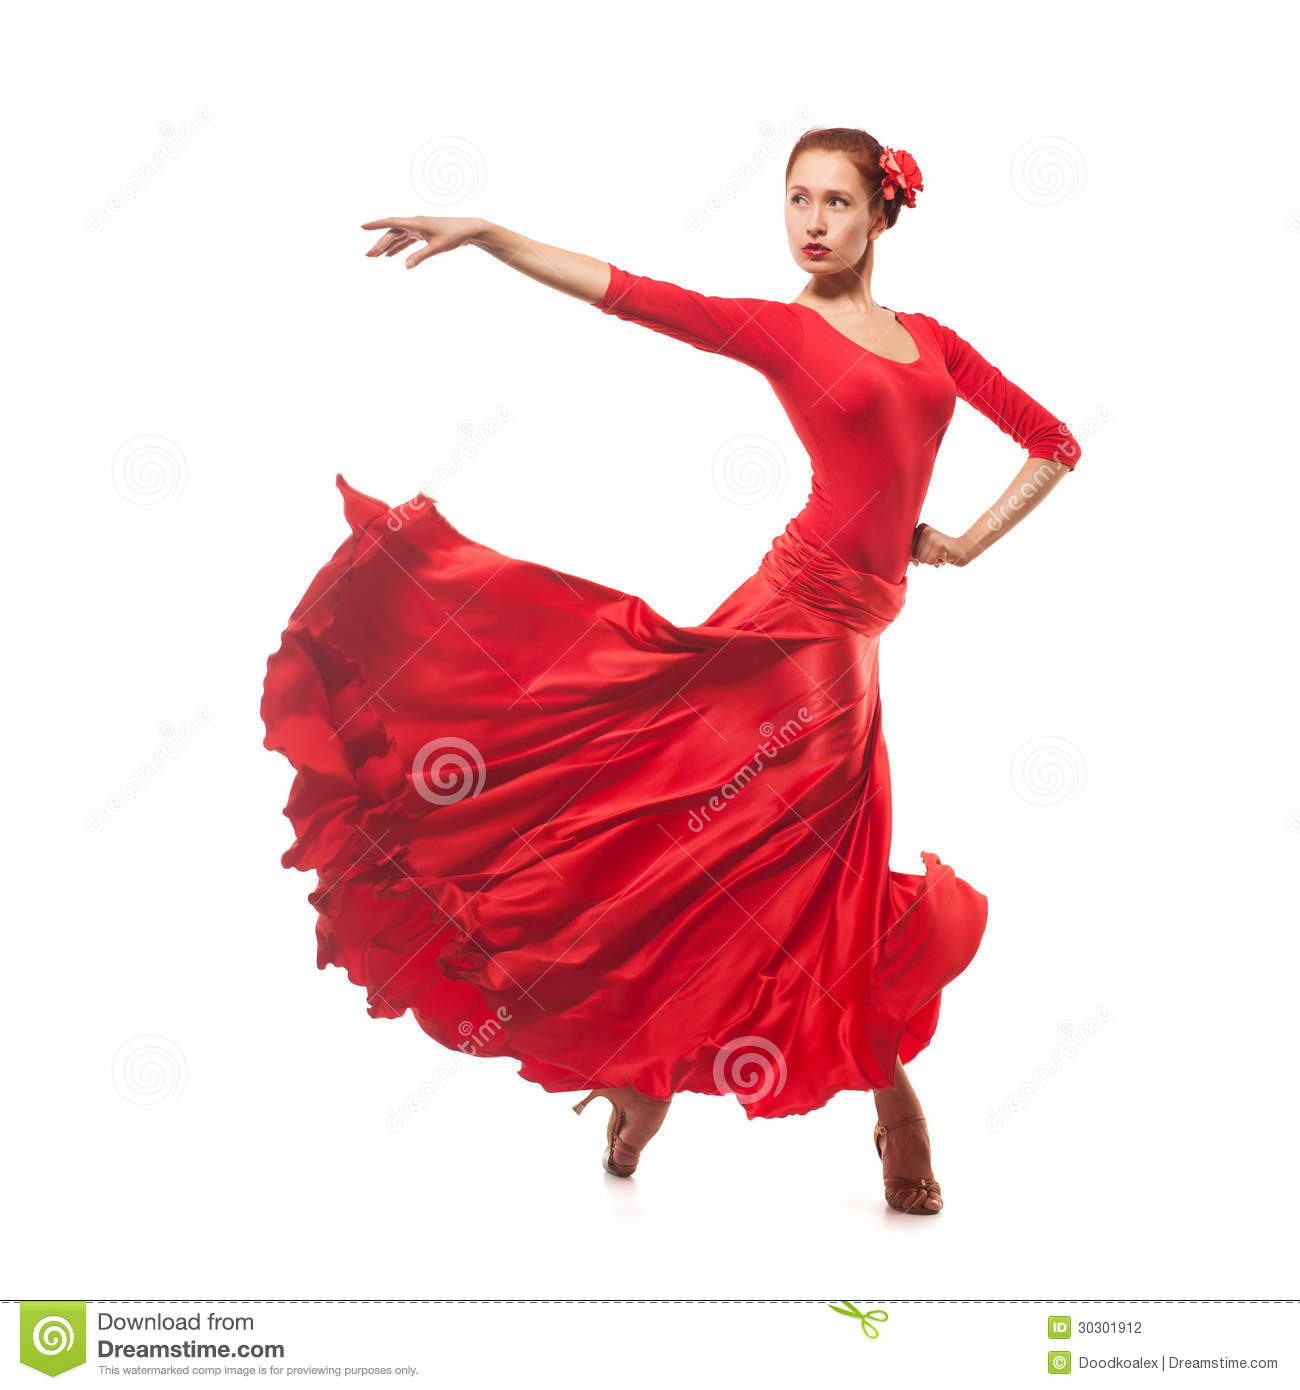 Frauentänzer Der Rotes Kleid Trägt Stockfotografie  Bild